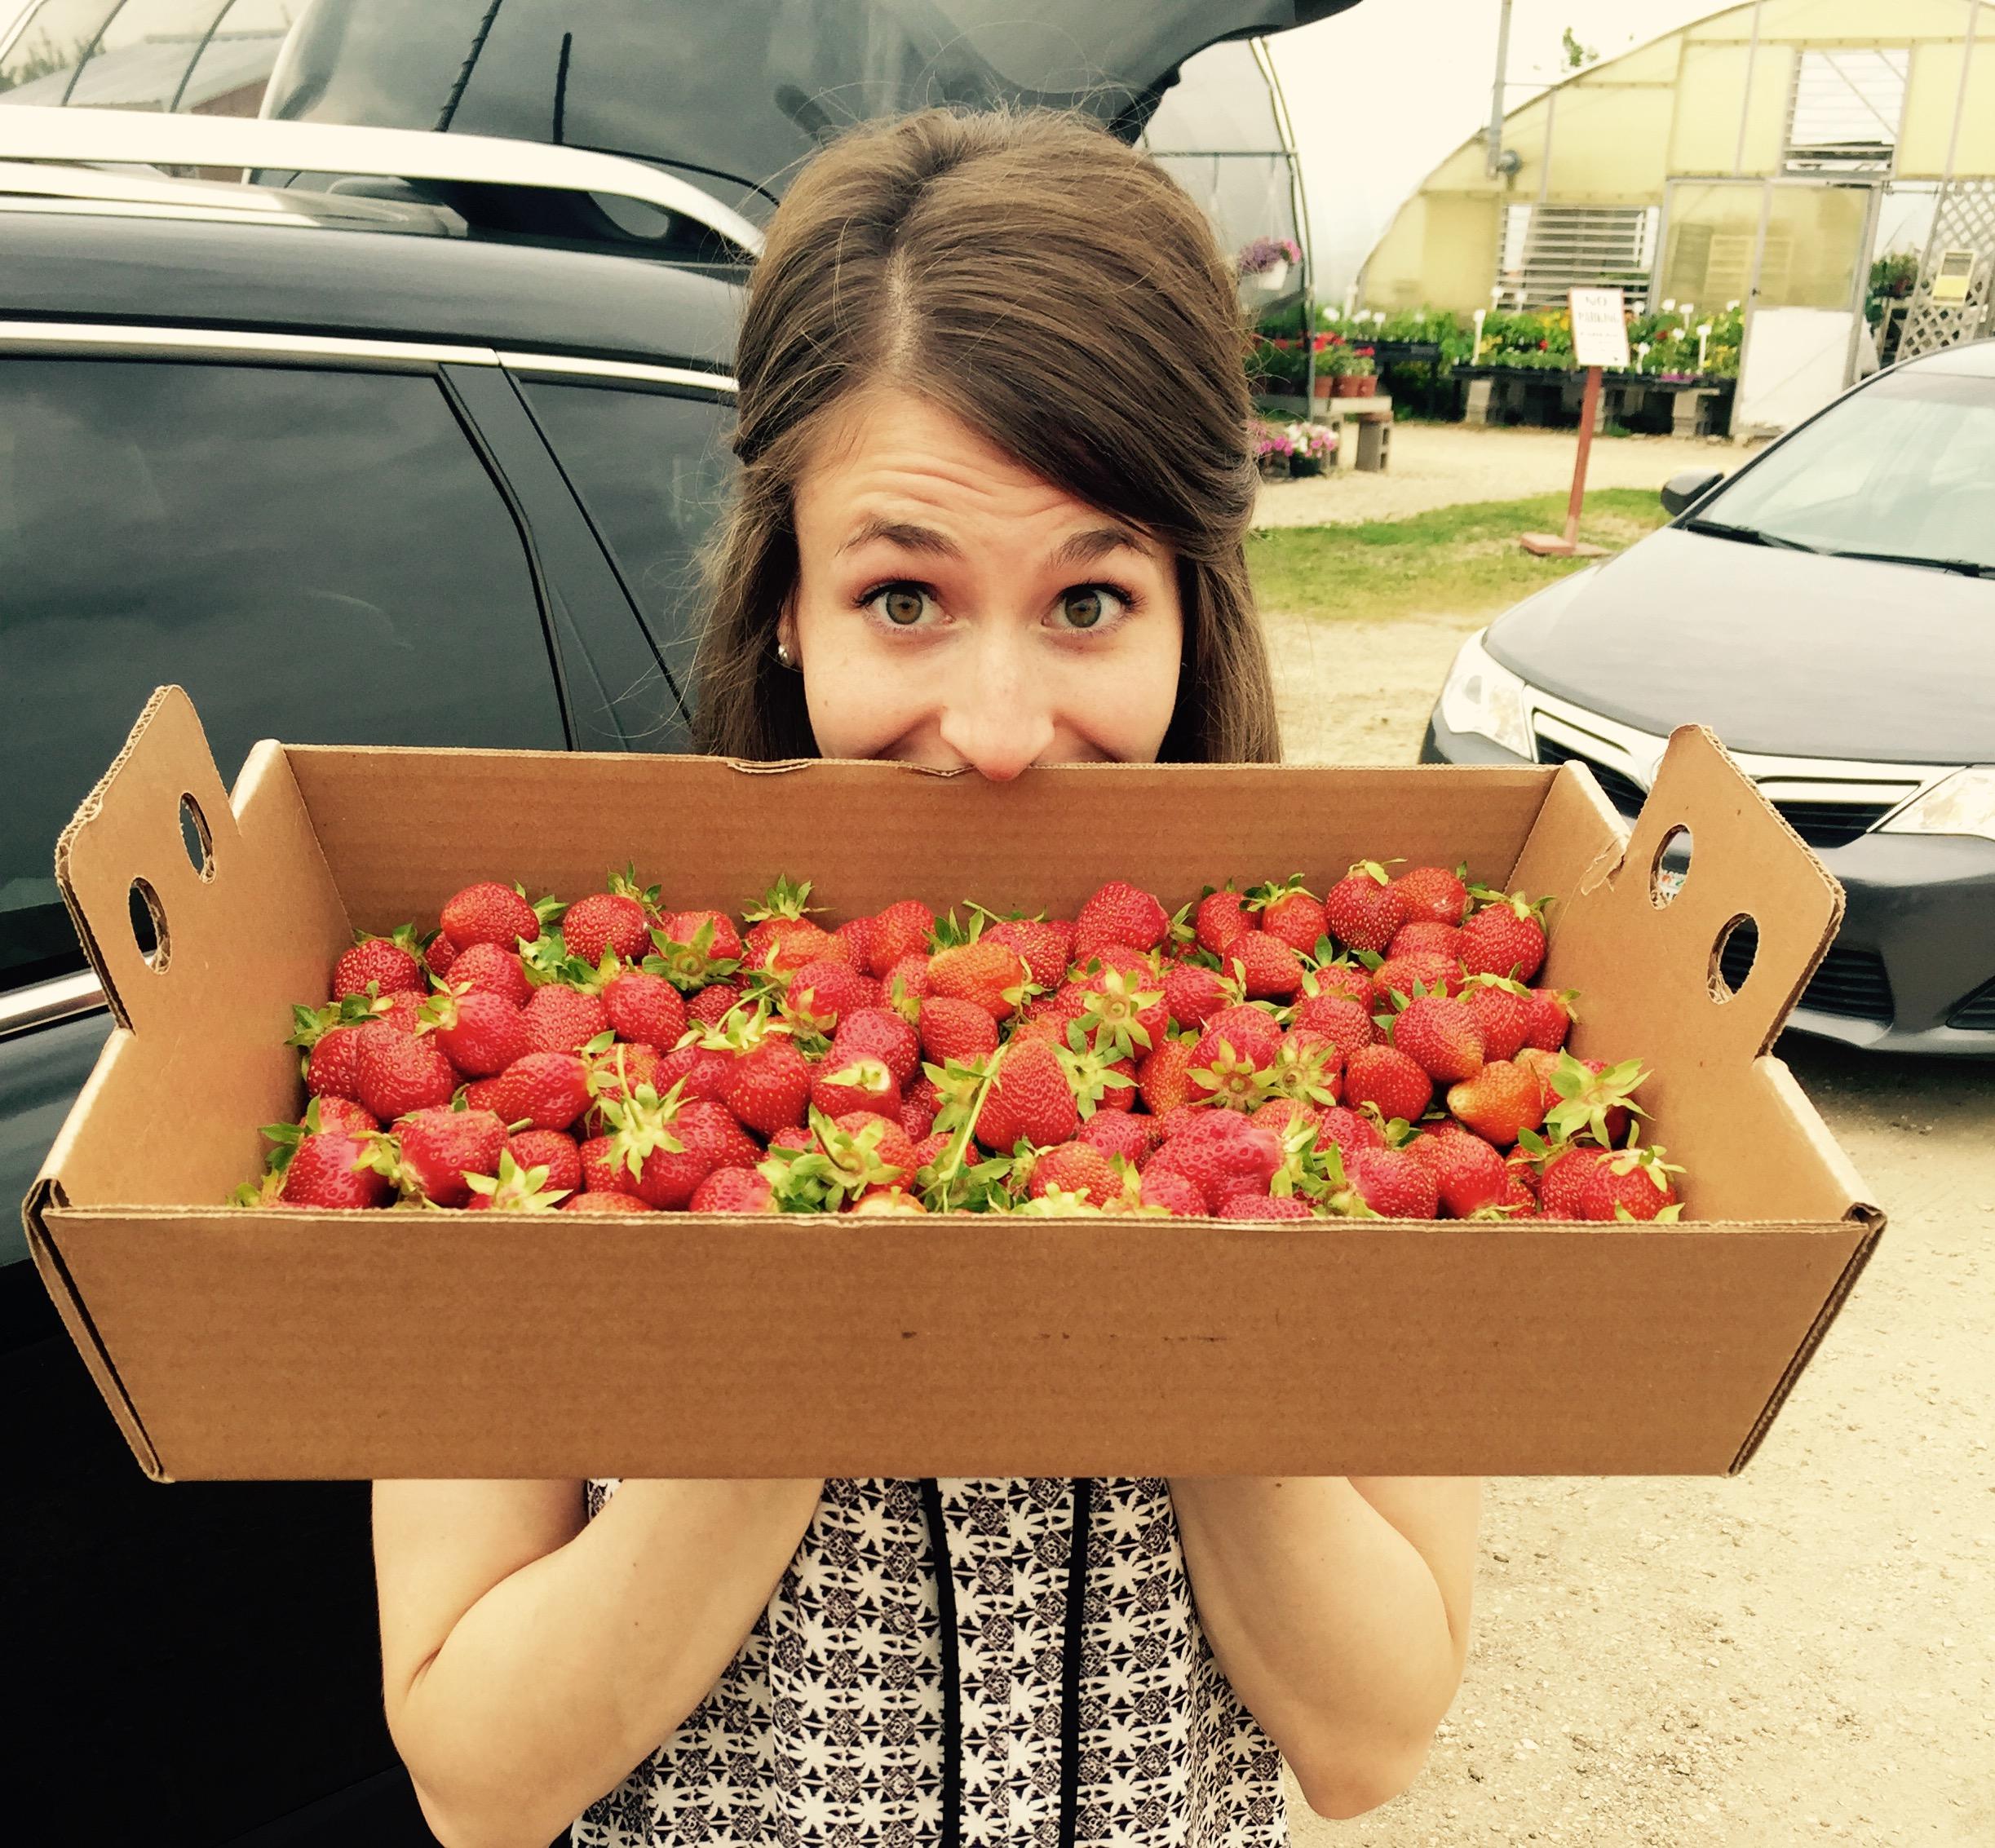 Mmmmm, strawberries! Freshly picked with our Nana.